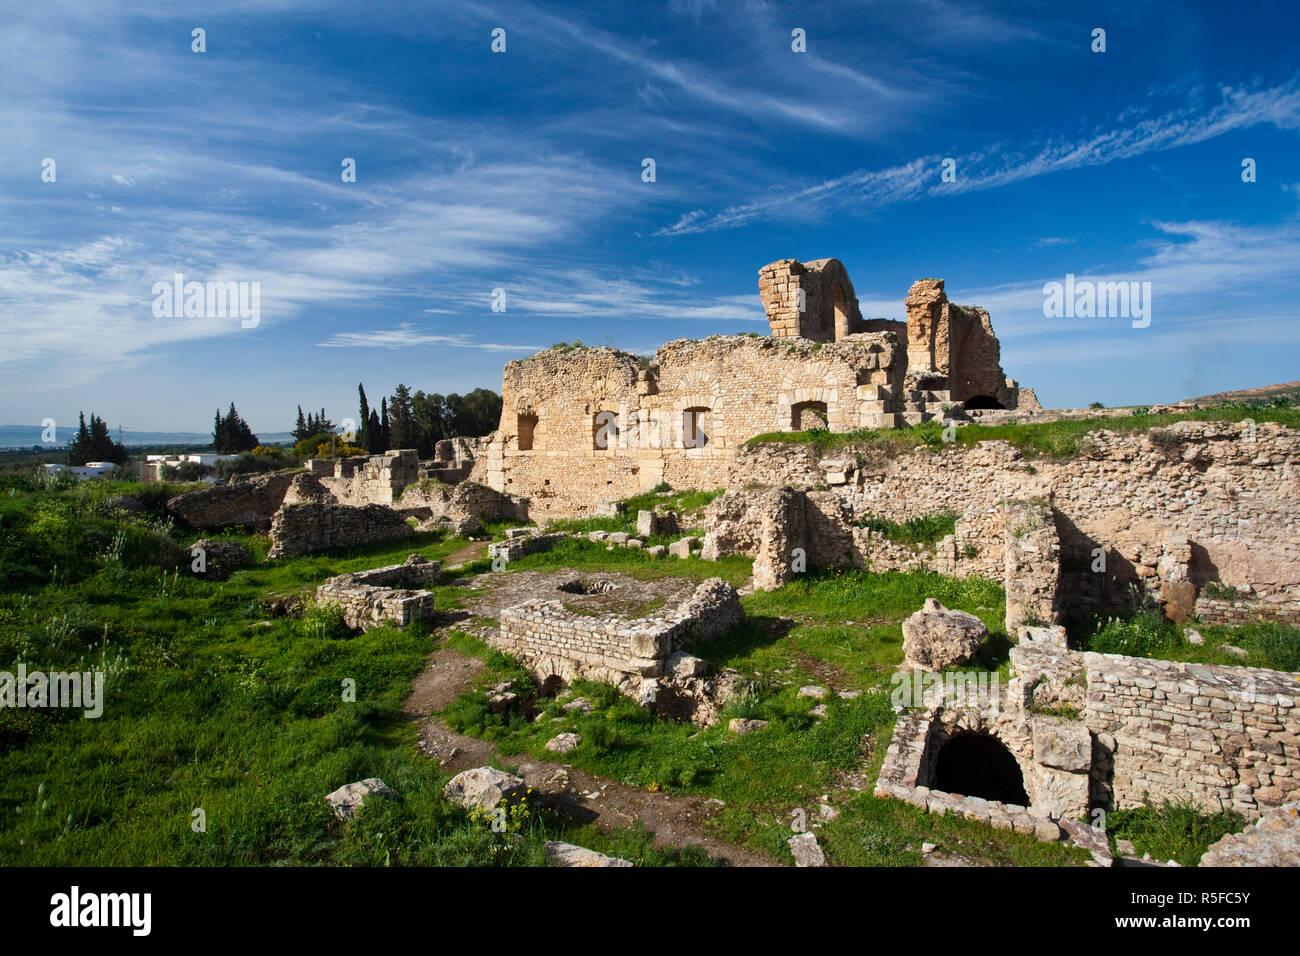 Tunisia, Northern Tunisia, Bulla Regia, ruins of underground Roman-era villas - Stock Image